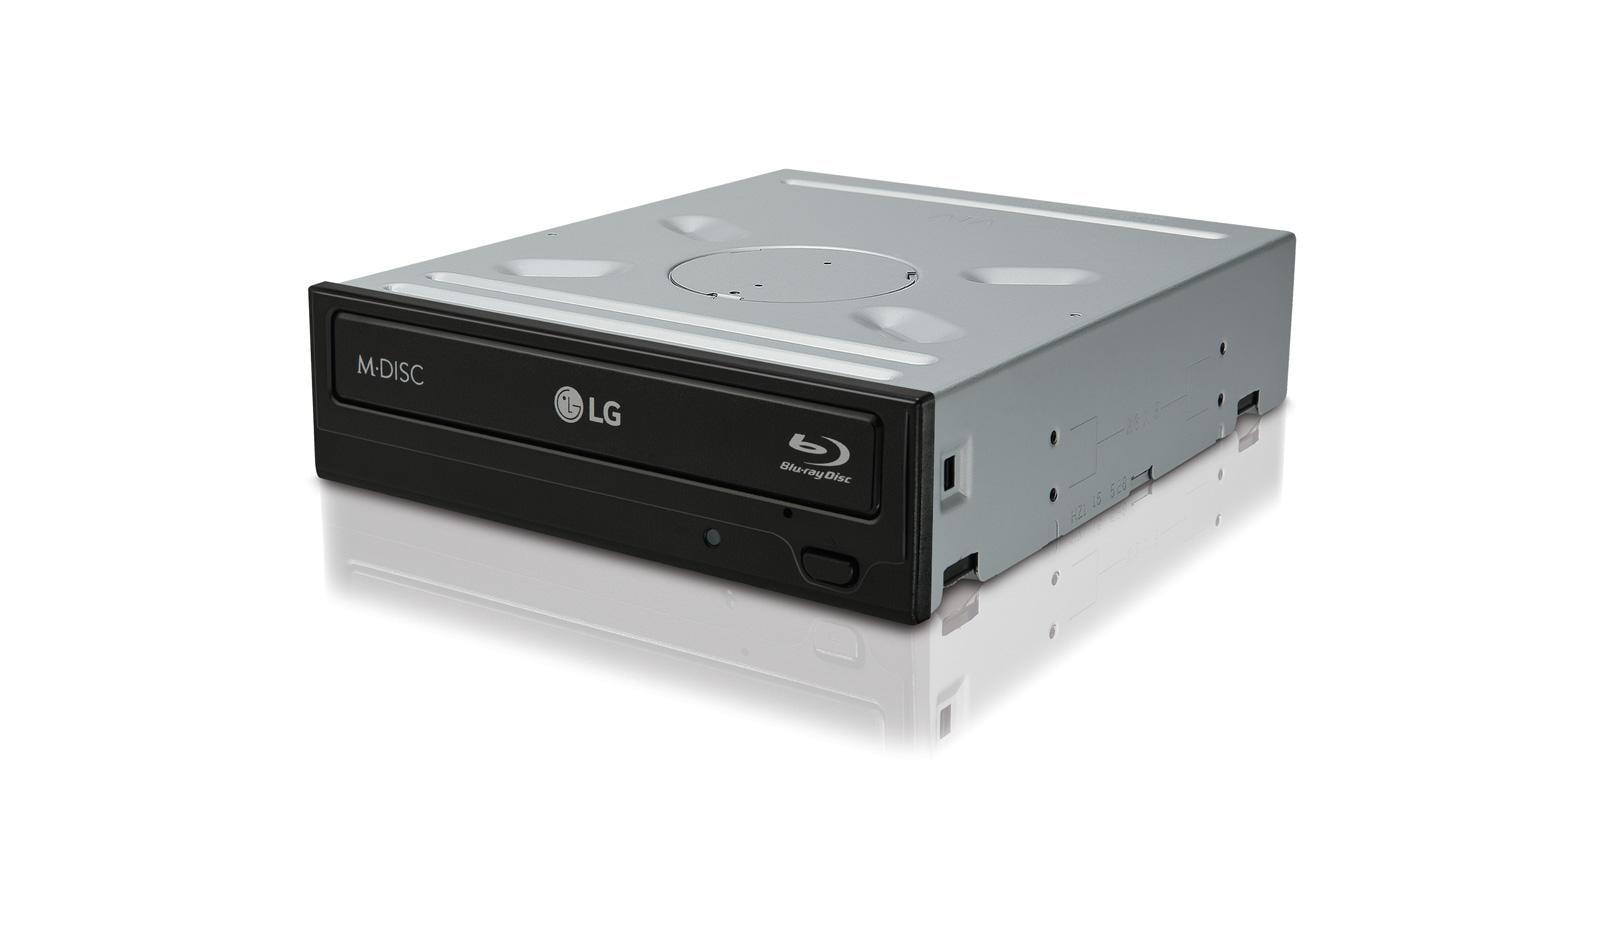 lg hl-dt-st dvd-rom gdr8163b driver